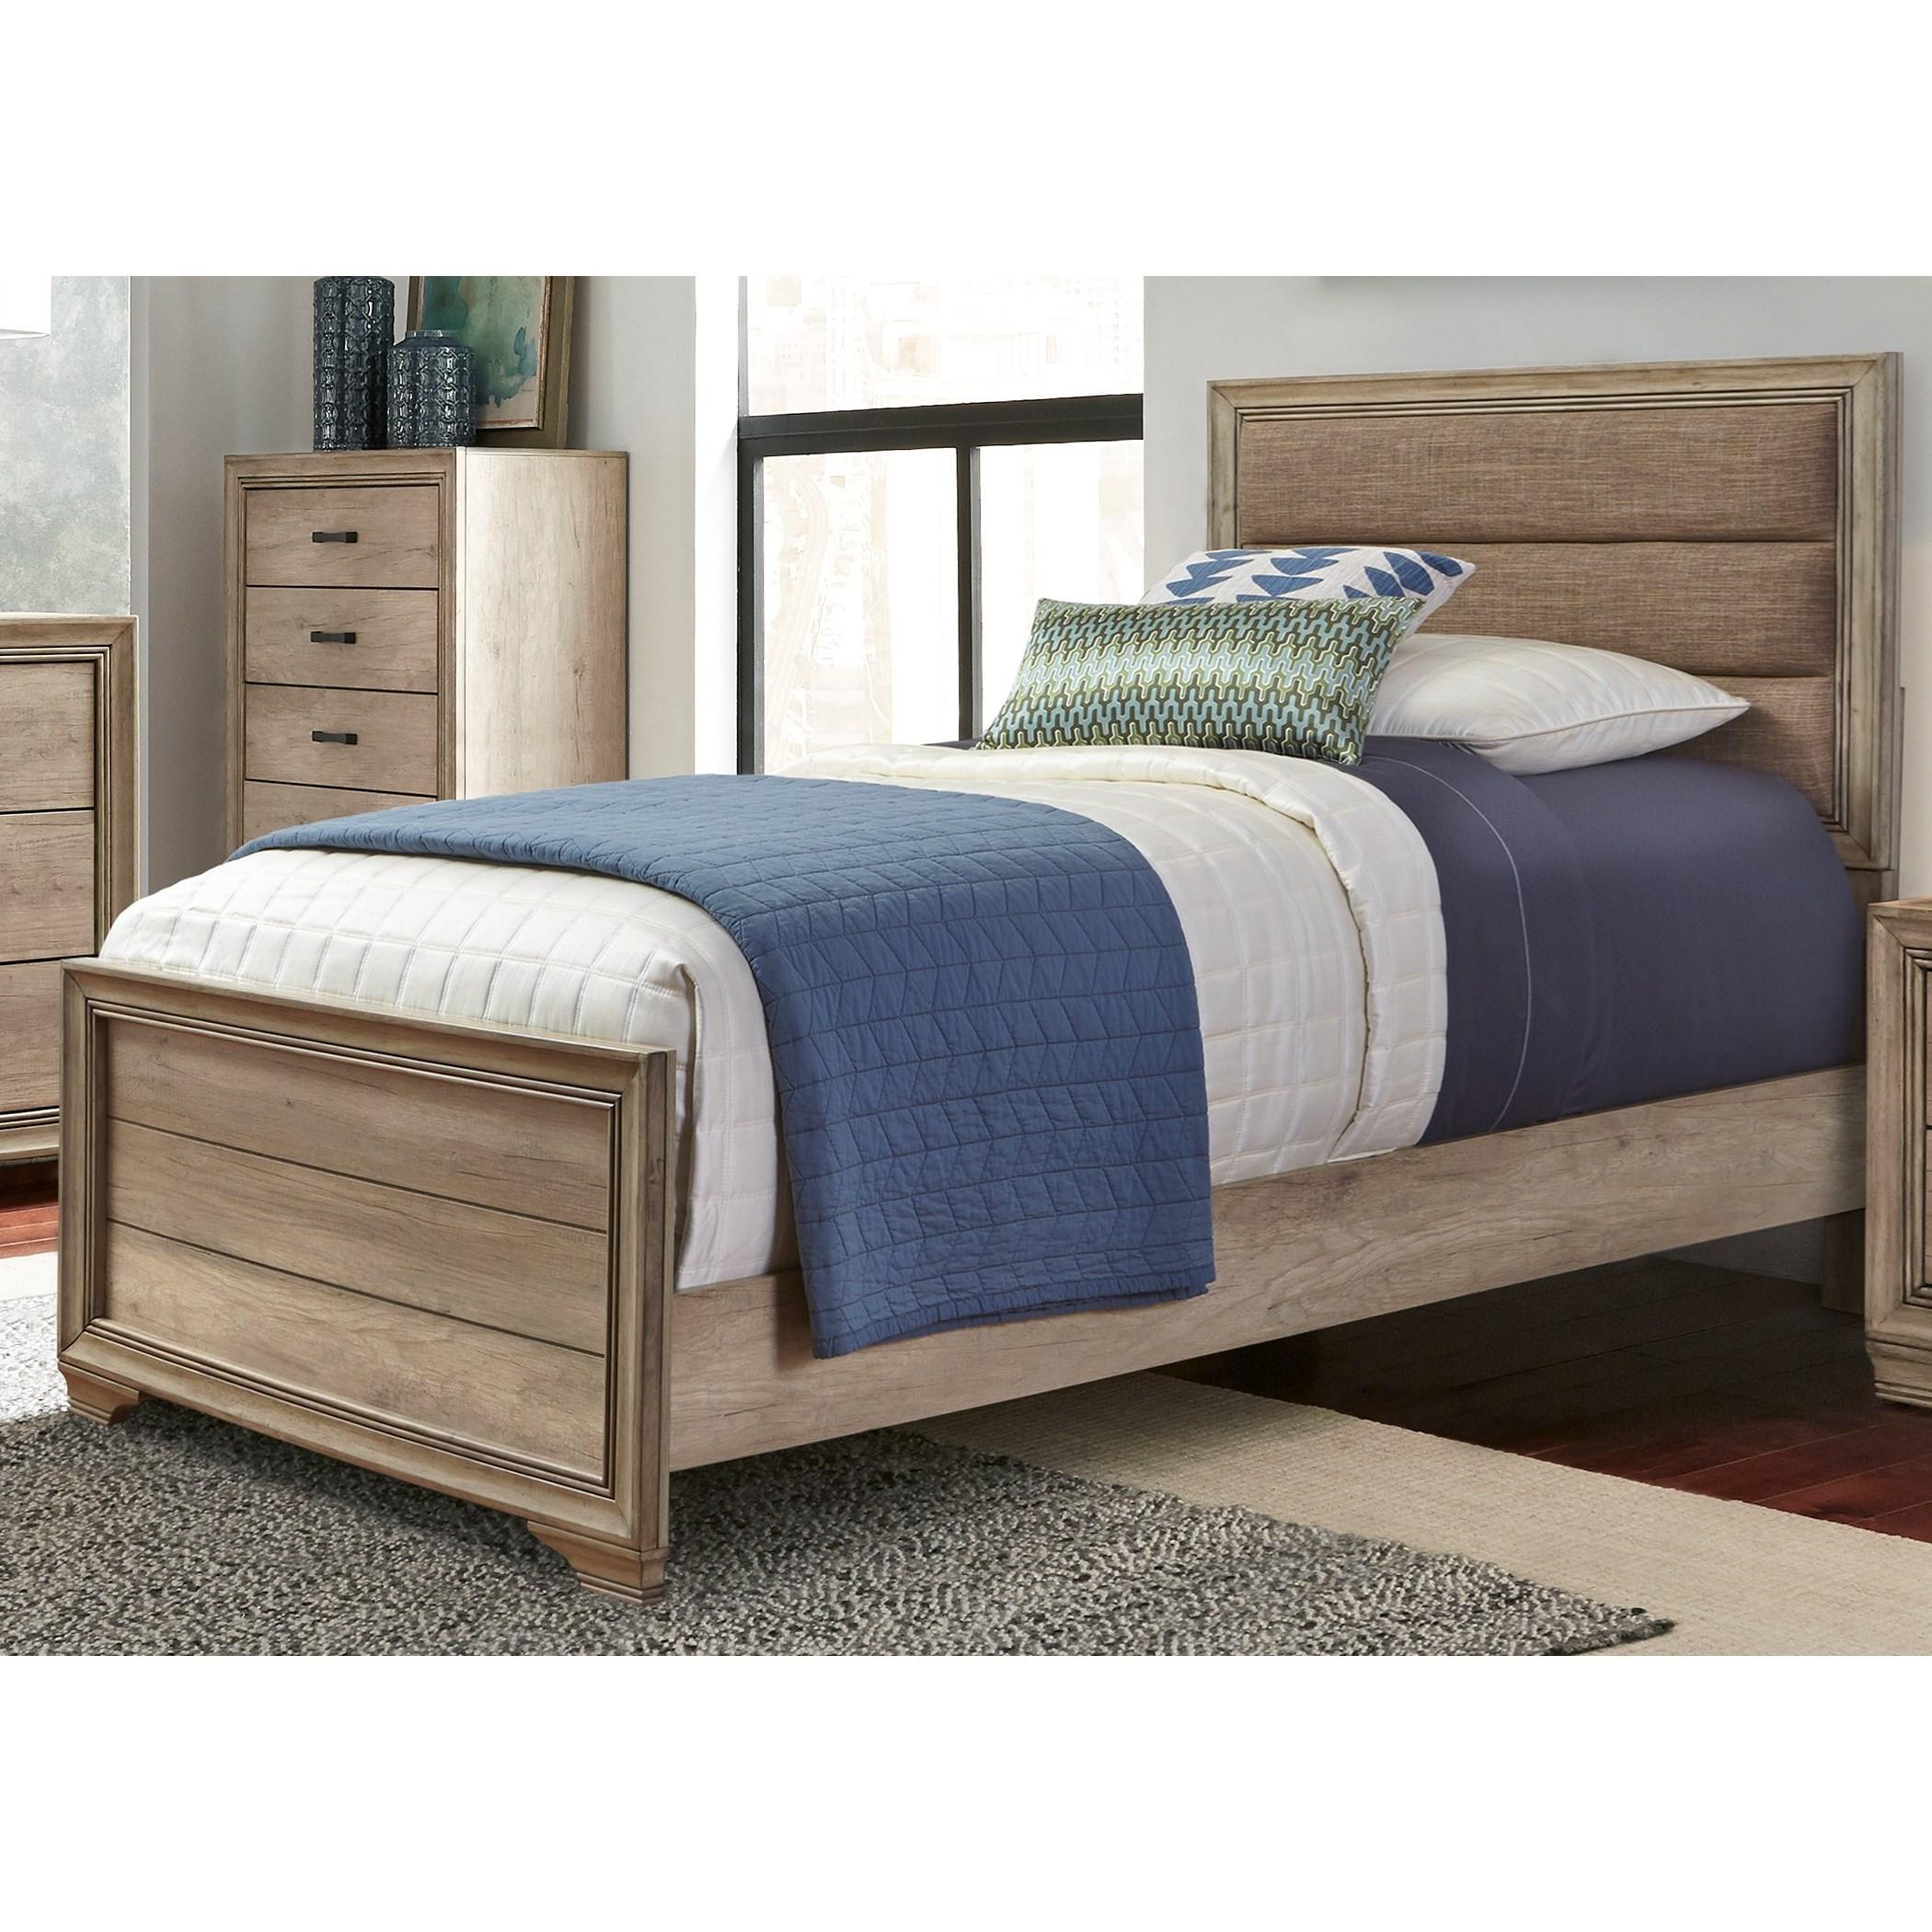 Full Upholstered Panel Bed